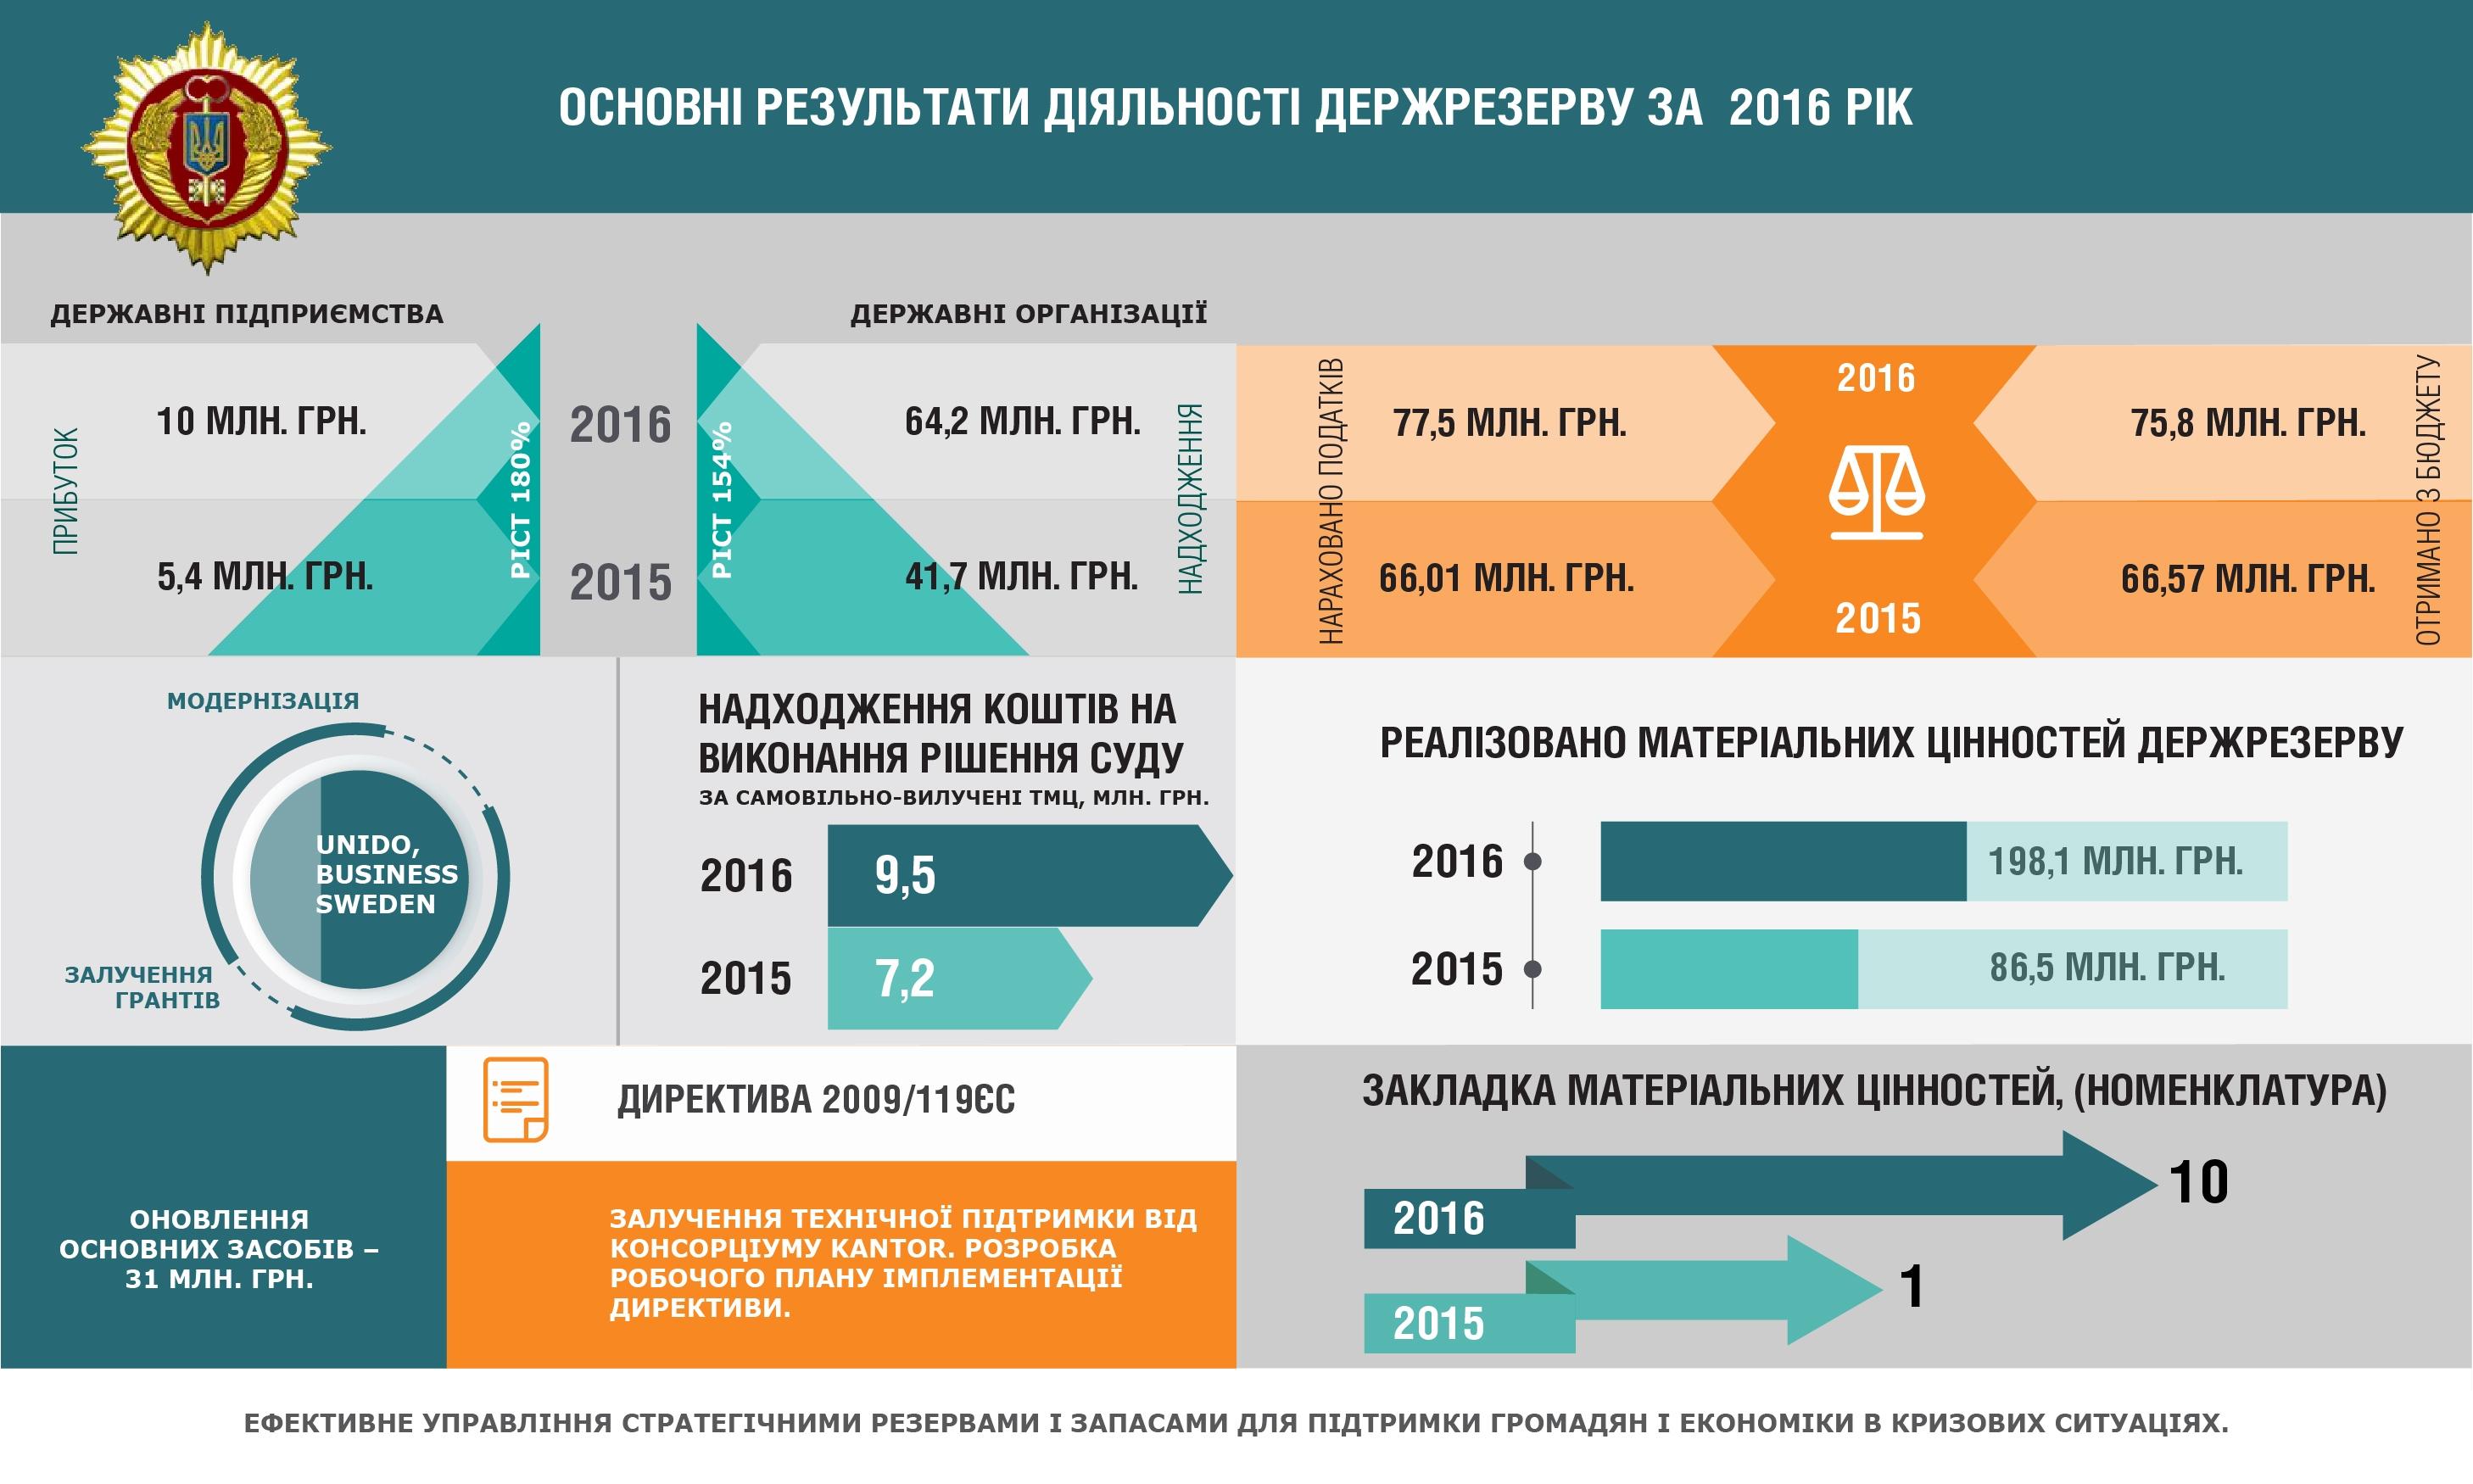 Госрезерв показал финансовые результаты за 2016 год: инфографика